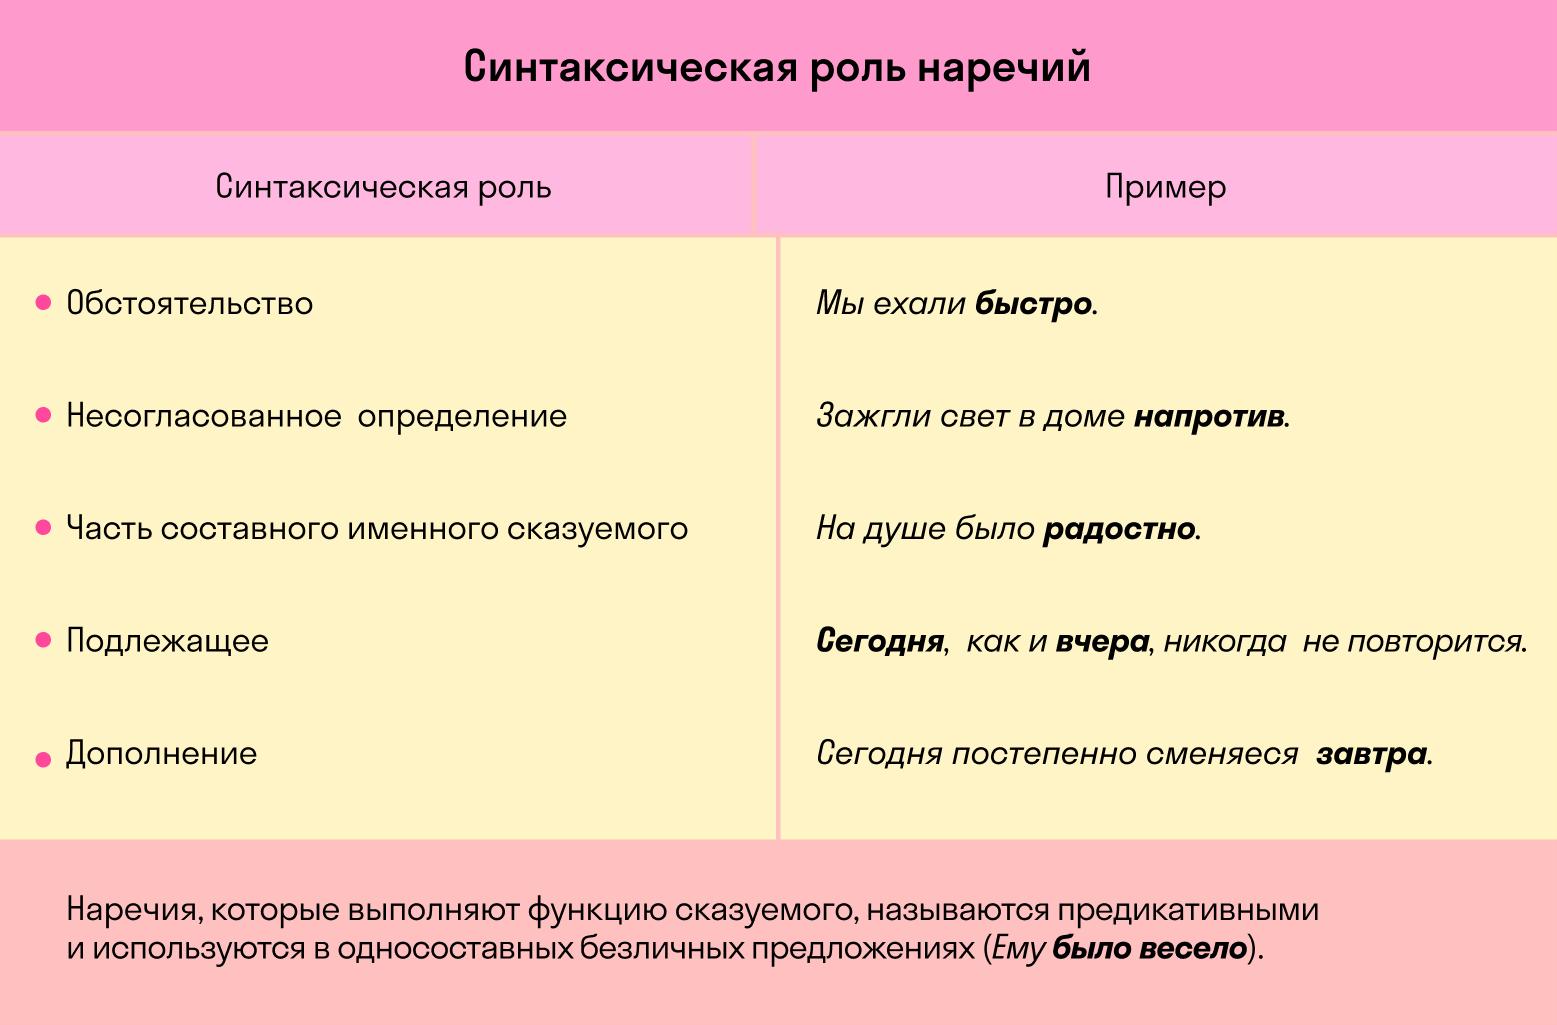 Роль наречия в предложении